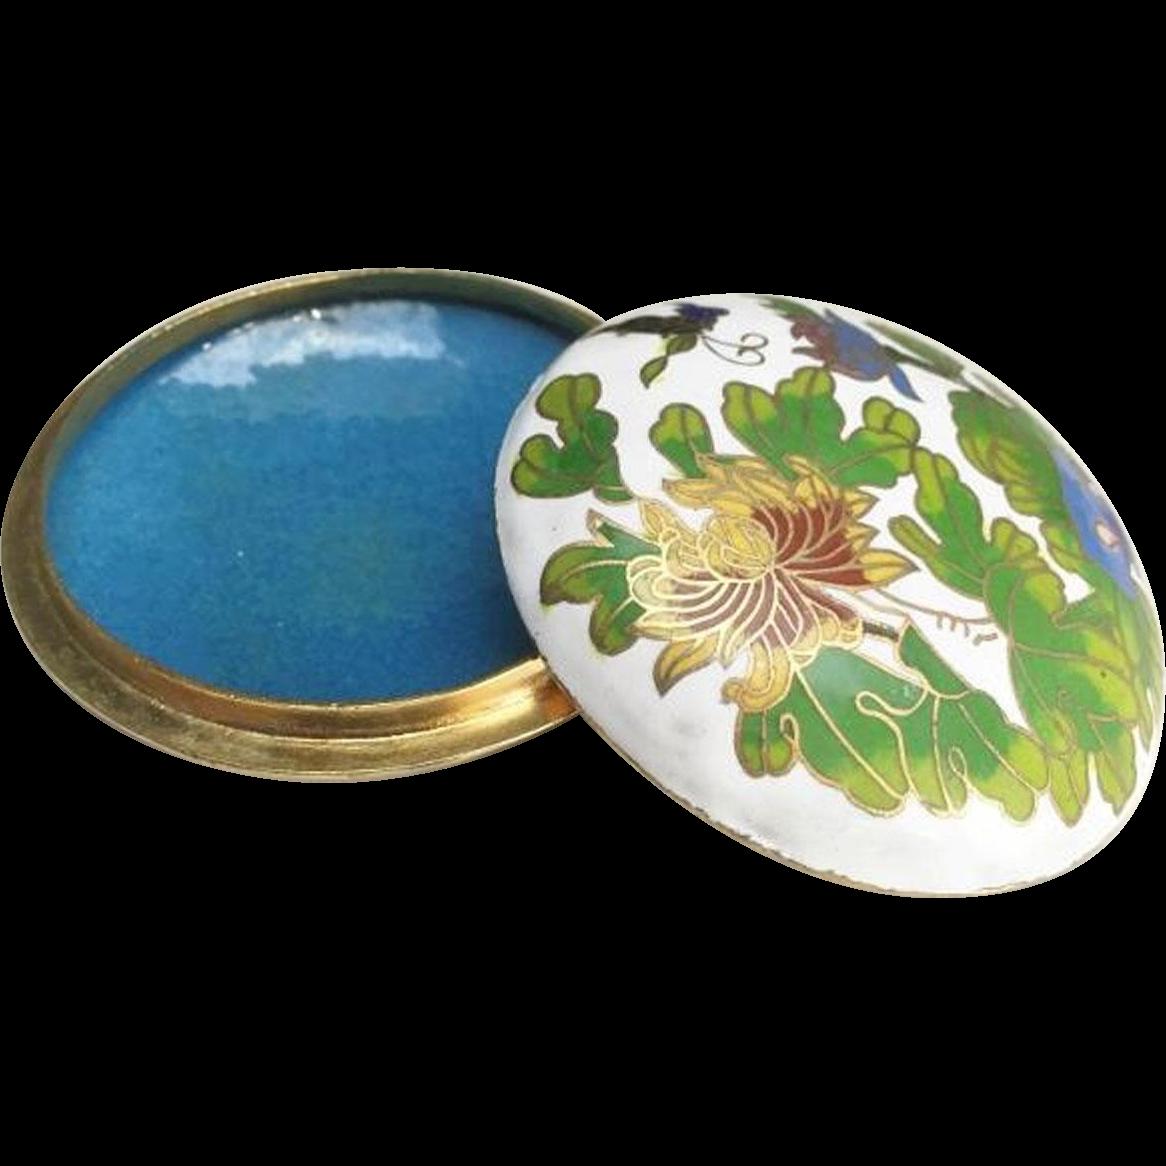 Japanese Vintage Cloisonné and Enameled Brass Floral Kogo or Ink Pad